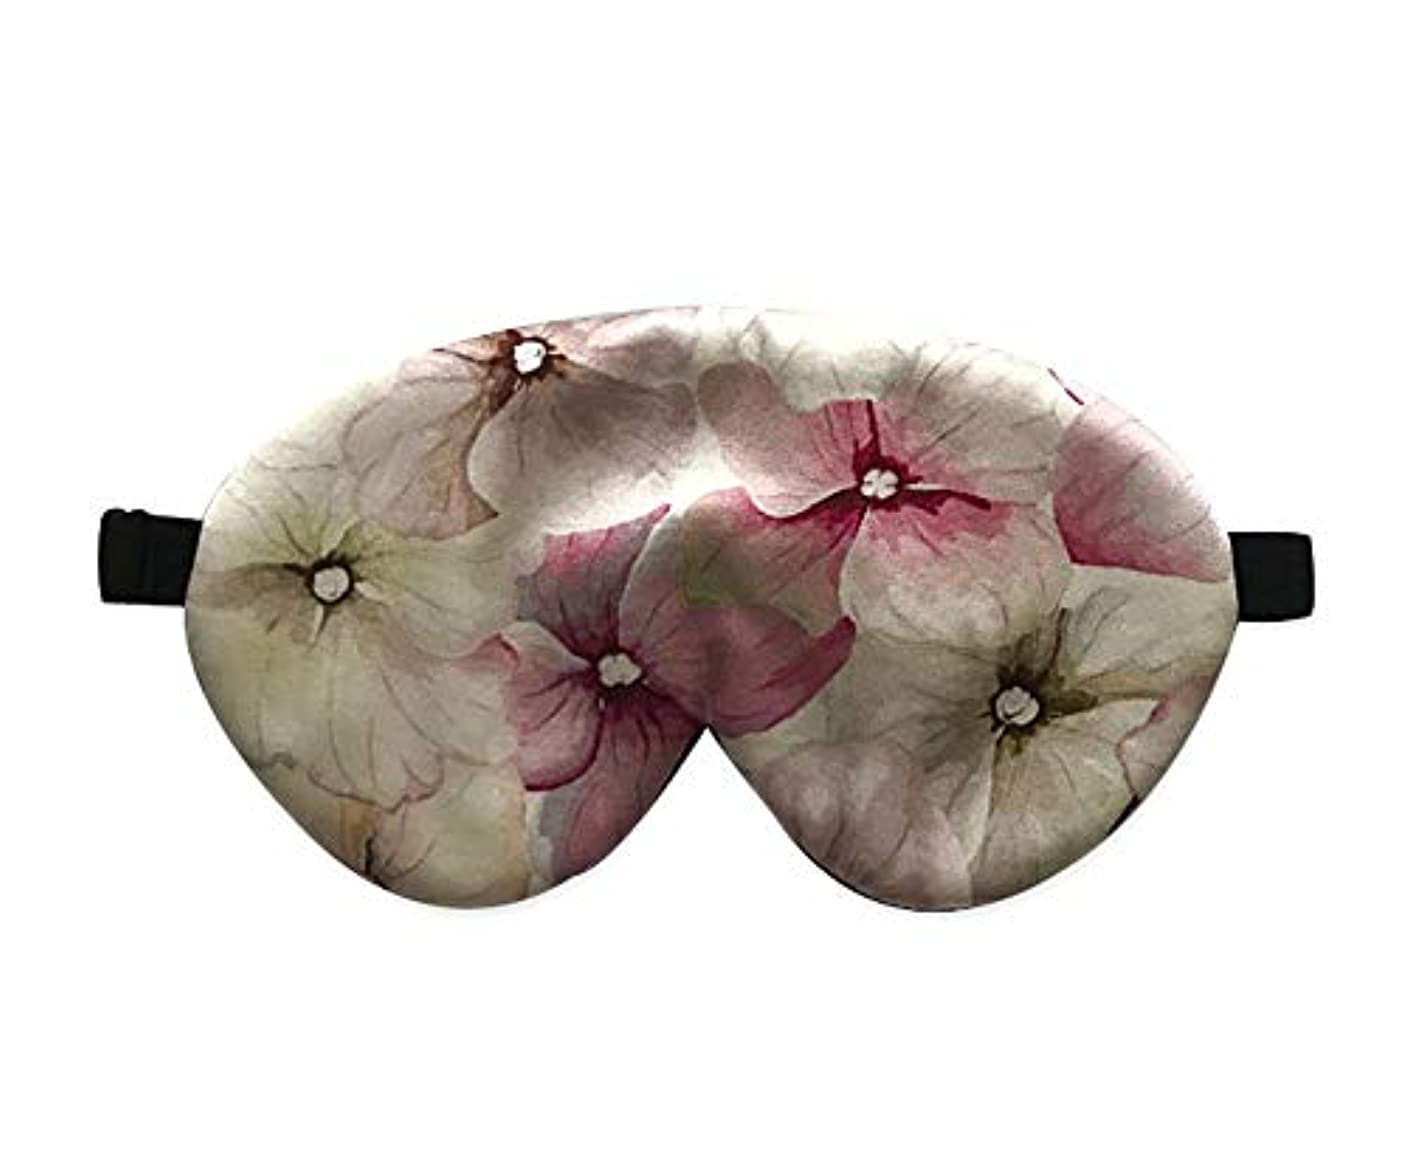 たらいスラダムチャンバー両面シルクアイマスク調節可能なストラップ付きのエレガントなアイシェードスリープアイマスク (魅力的な花)